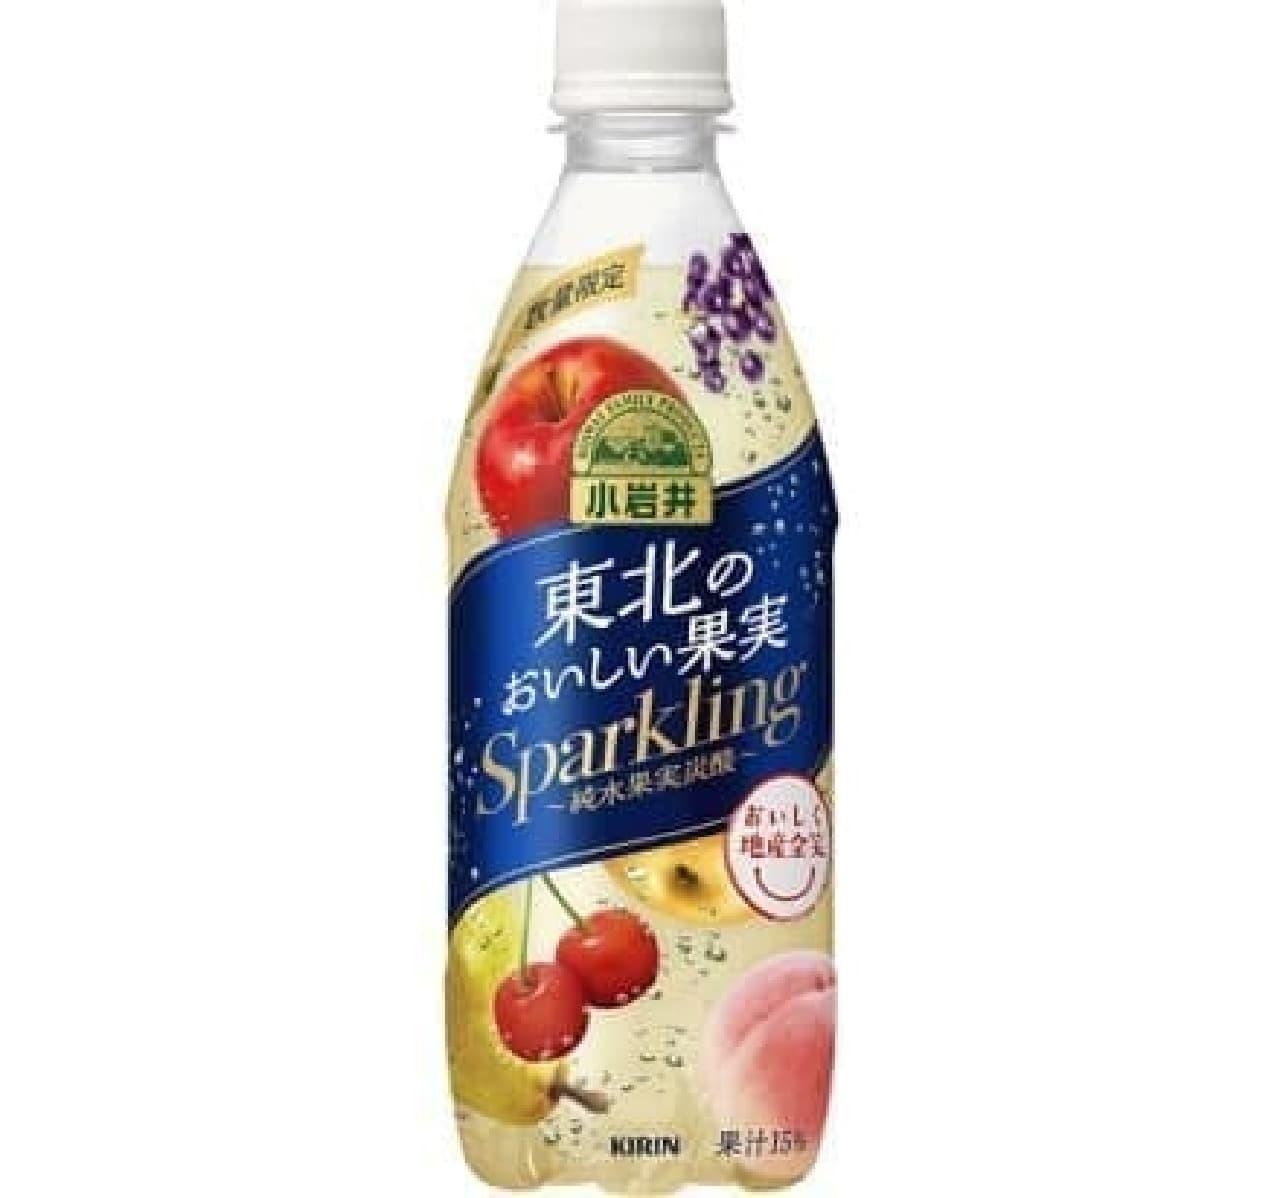 キリンビバレッジ「小岩井 東北のおいしい果実Sparkling」